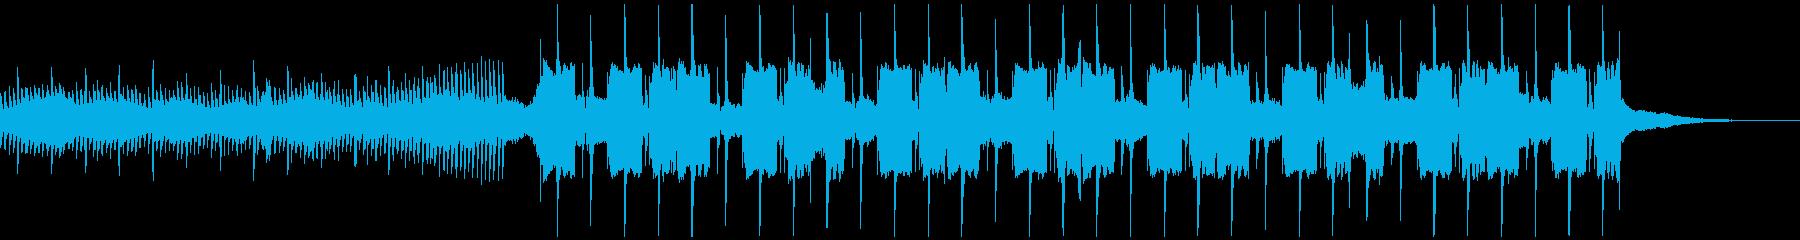 クールなFuture Bassの再生済みの波形